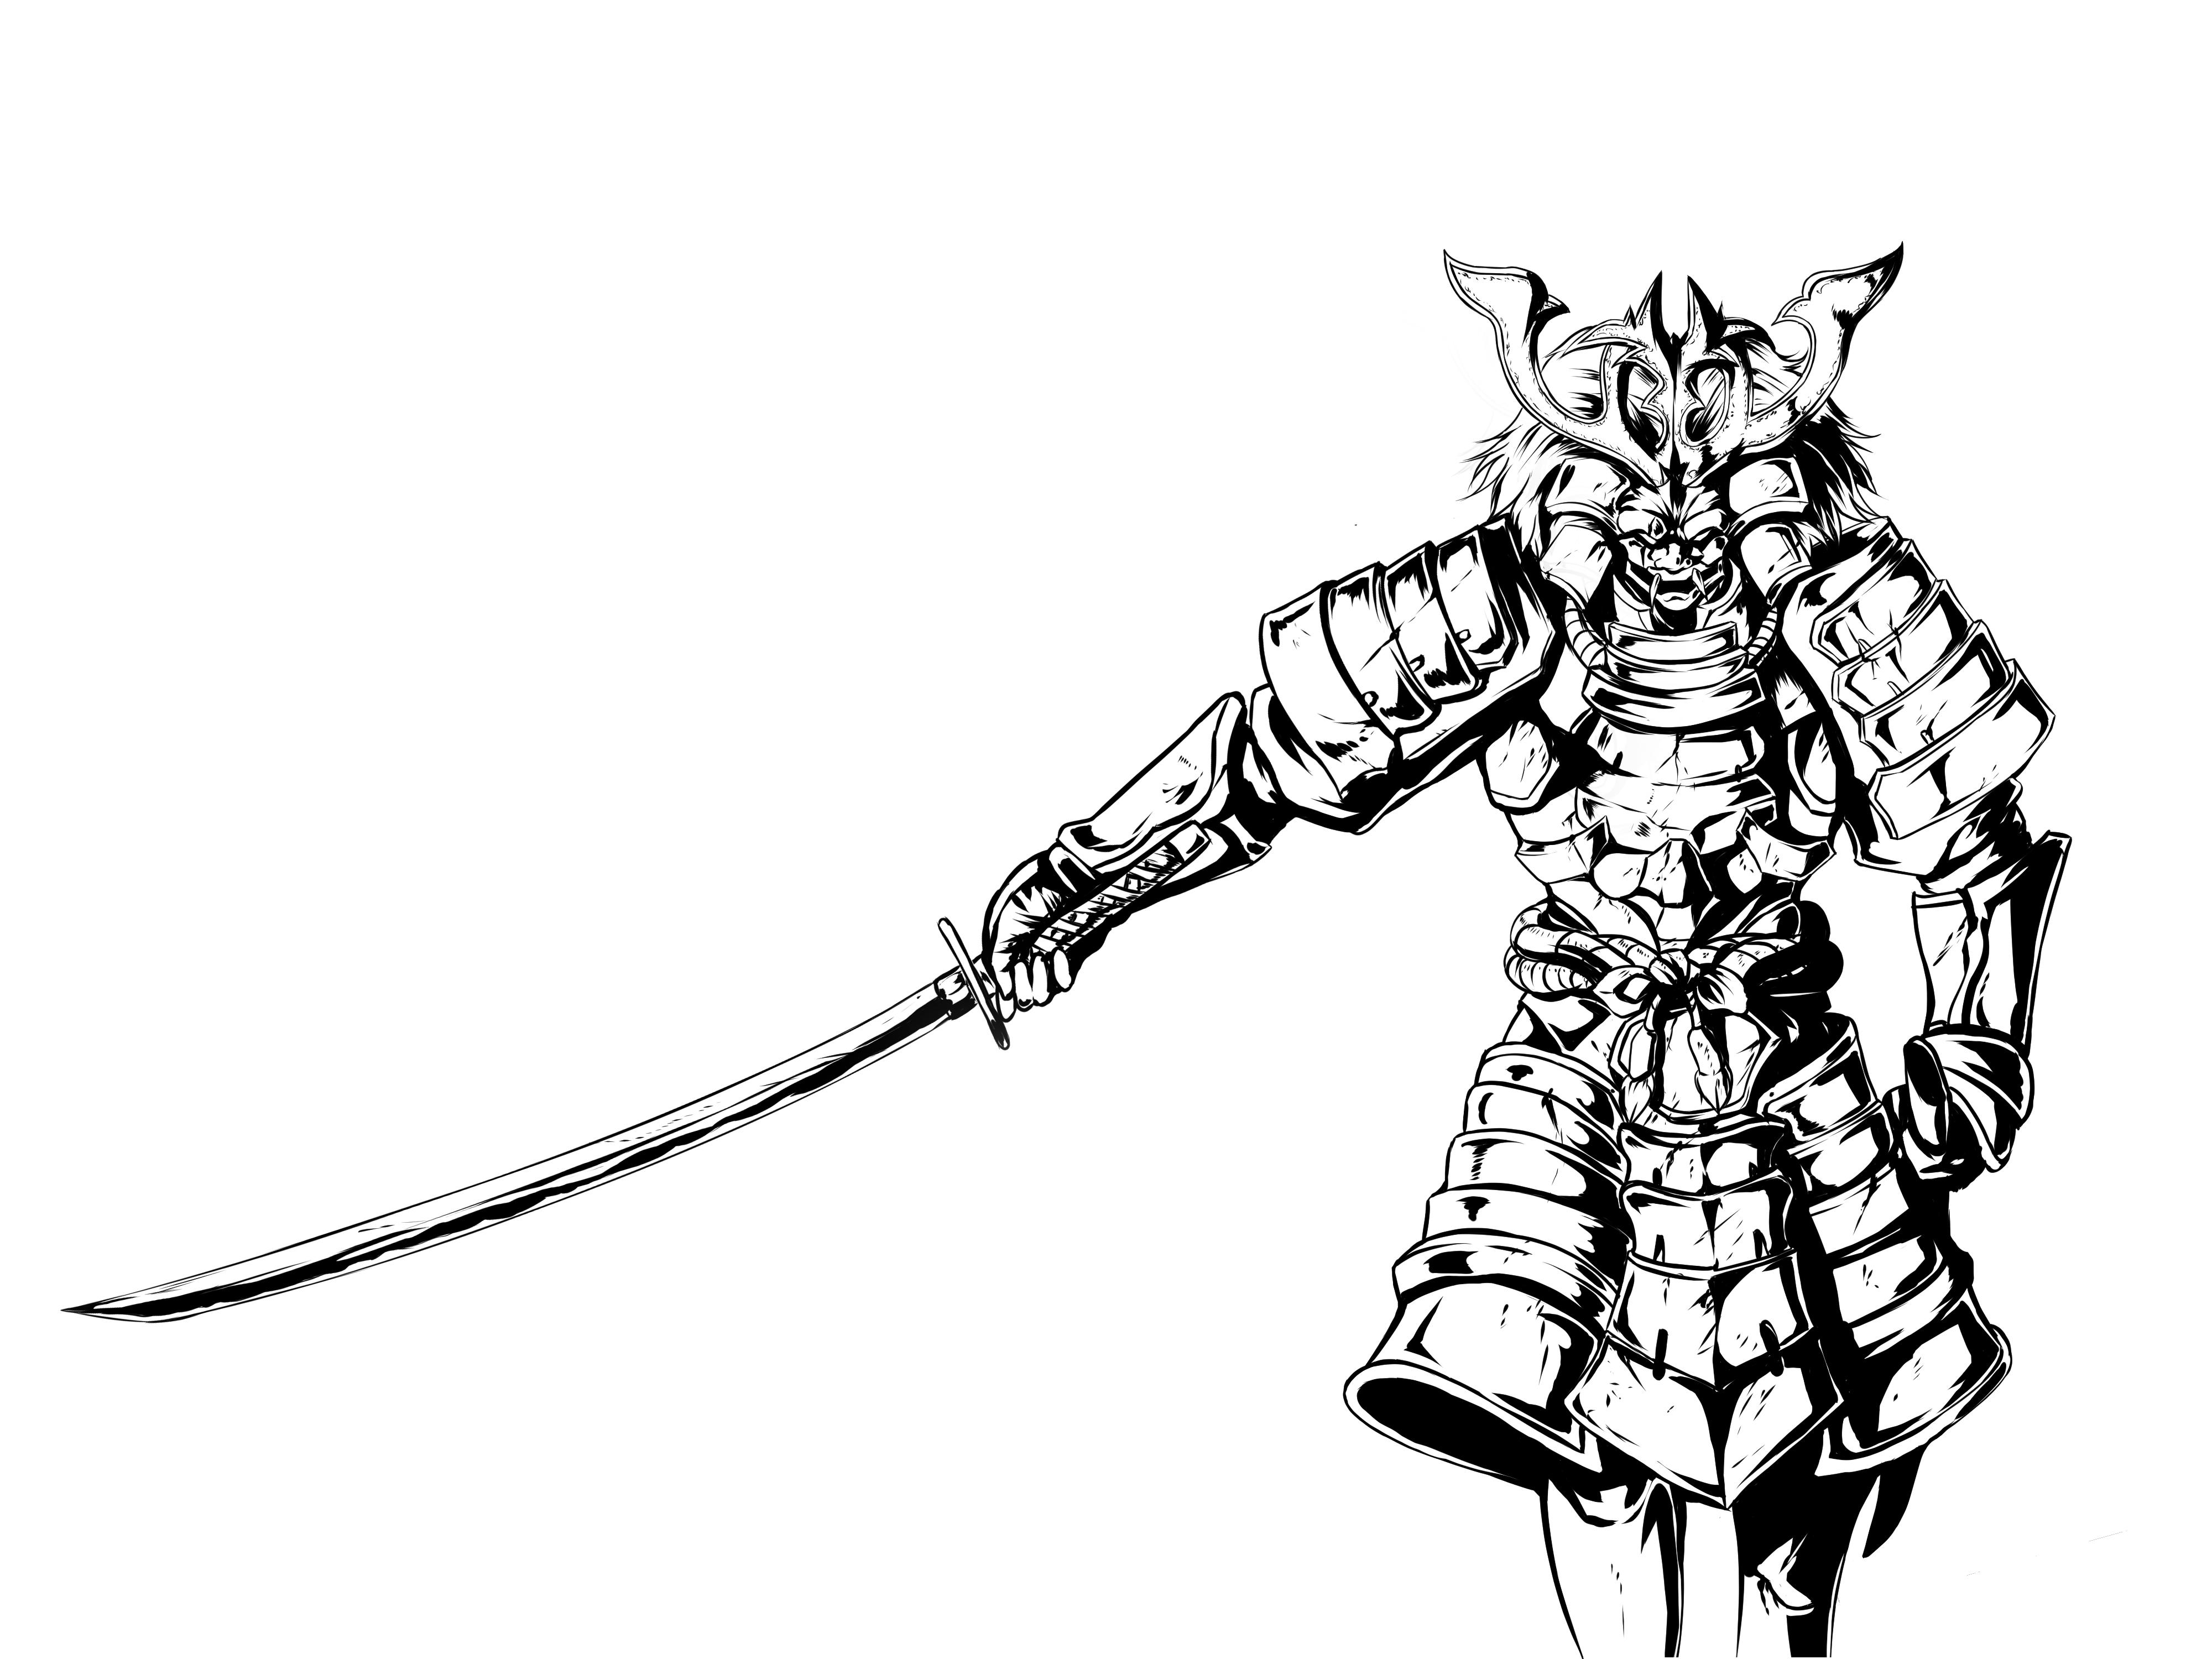 4000x3000 Samurai Wip For Sony By Irvintiu On Newgrounds